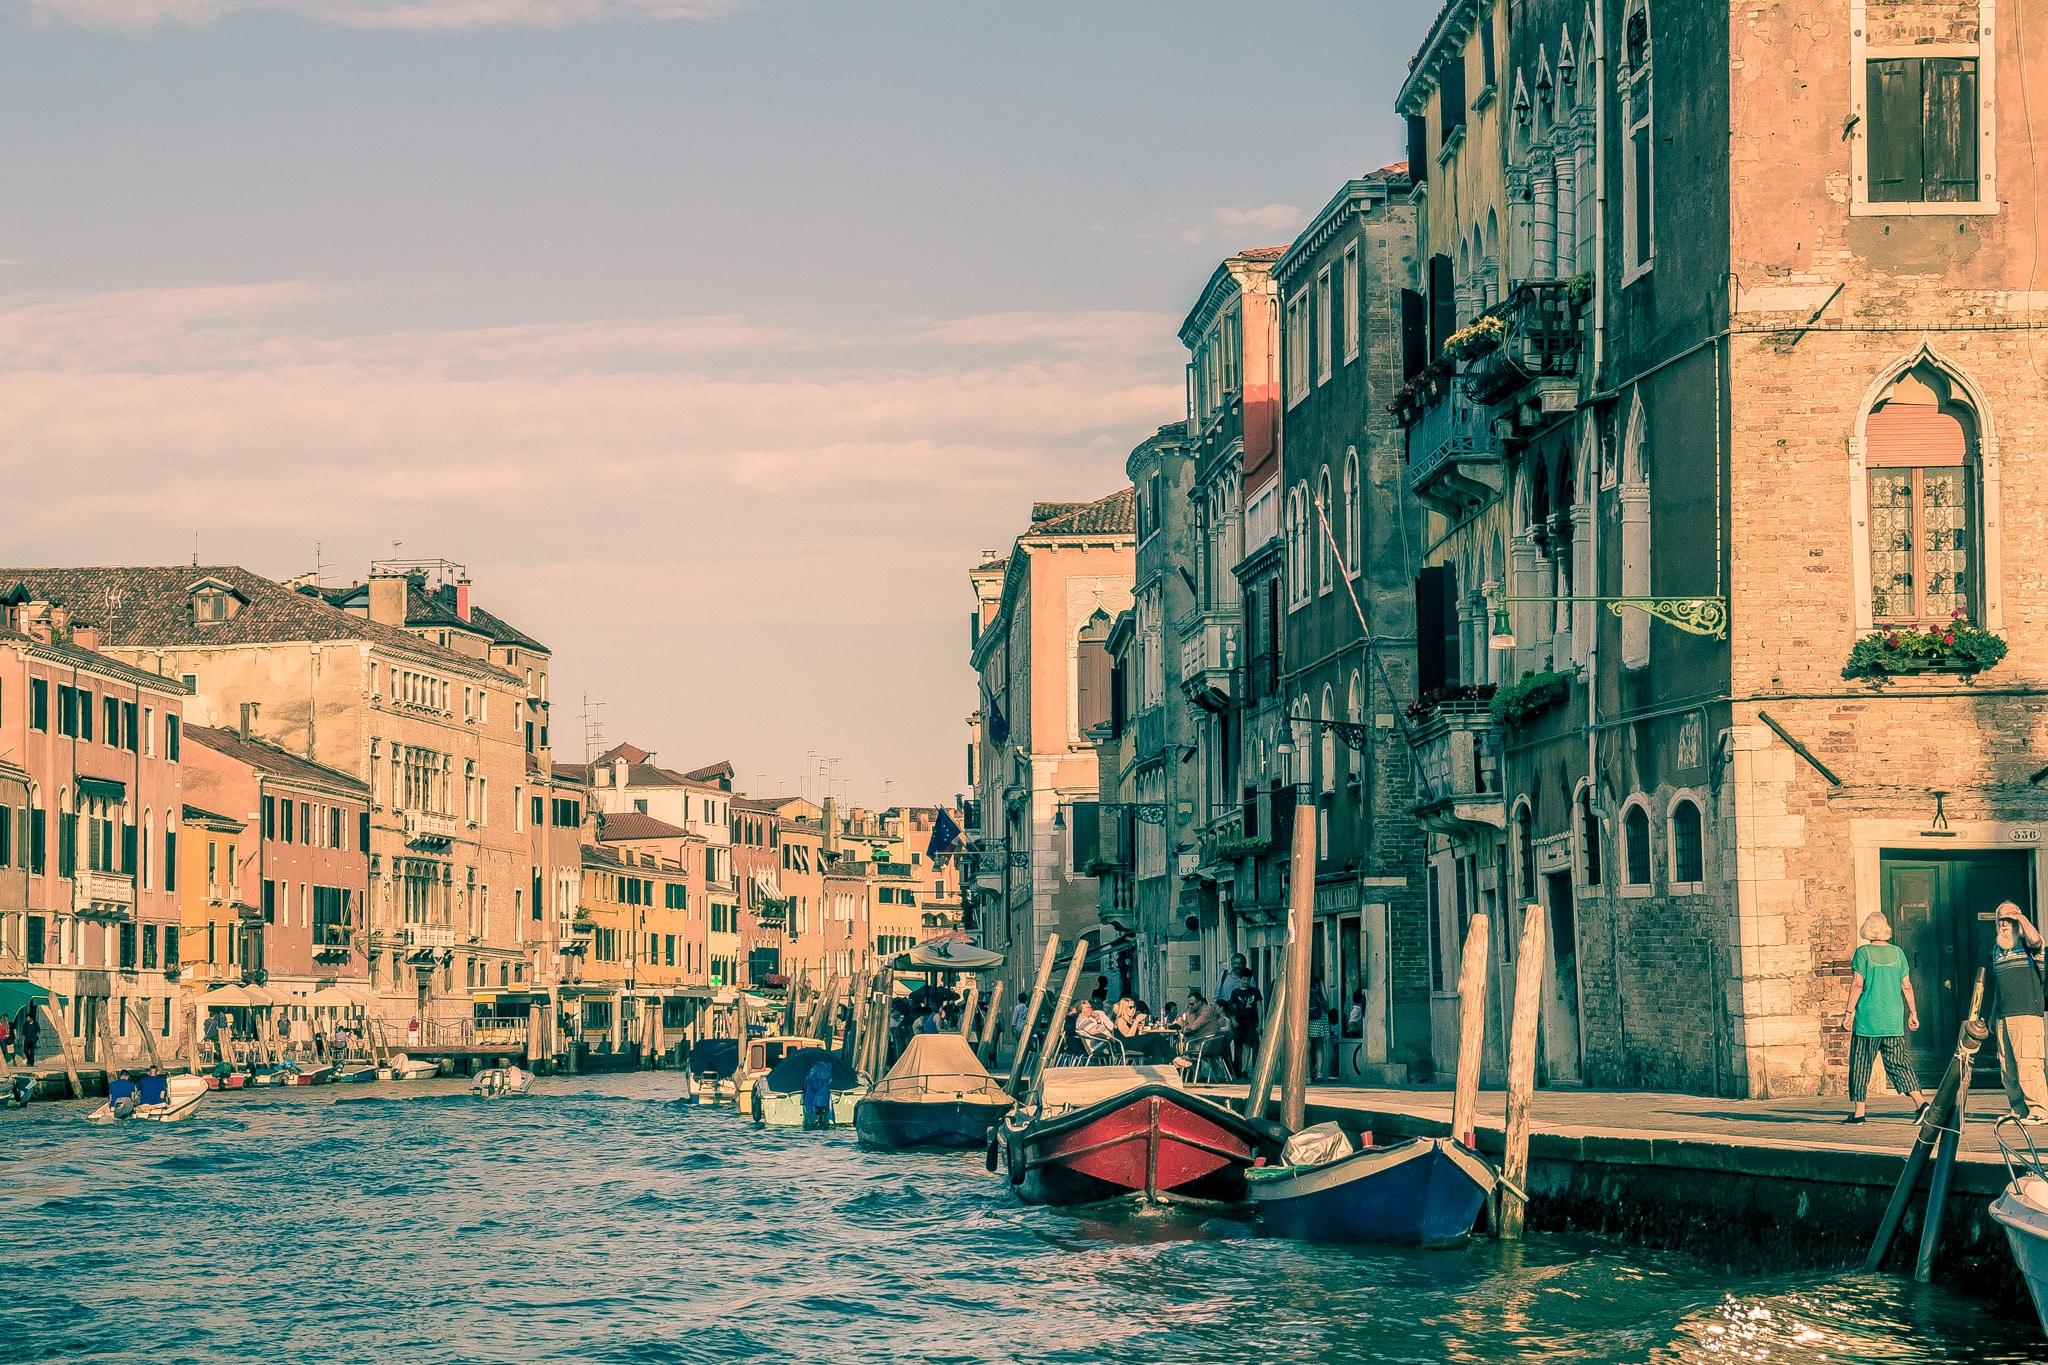 viagem por veneza Por: Patricia Schussel